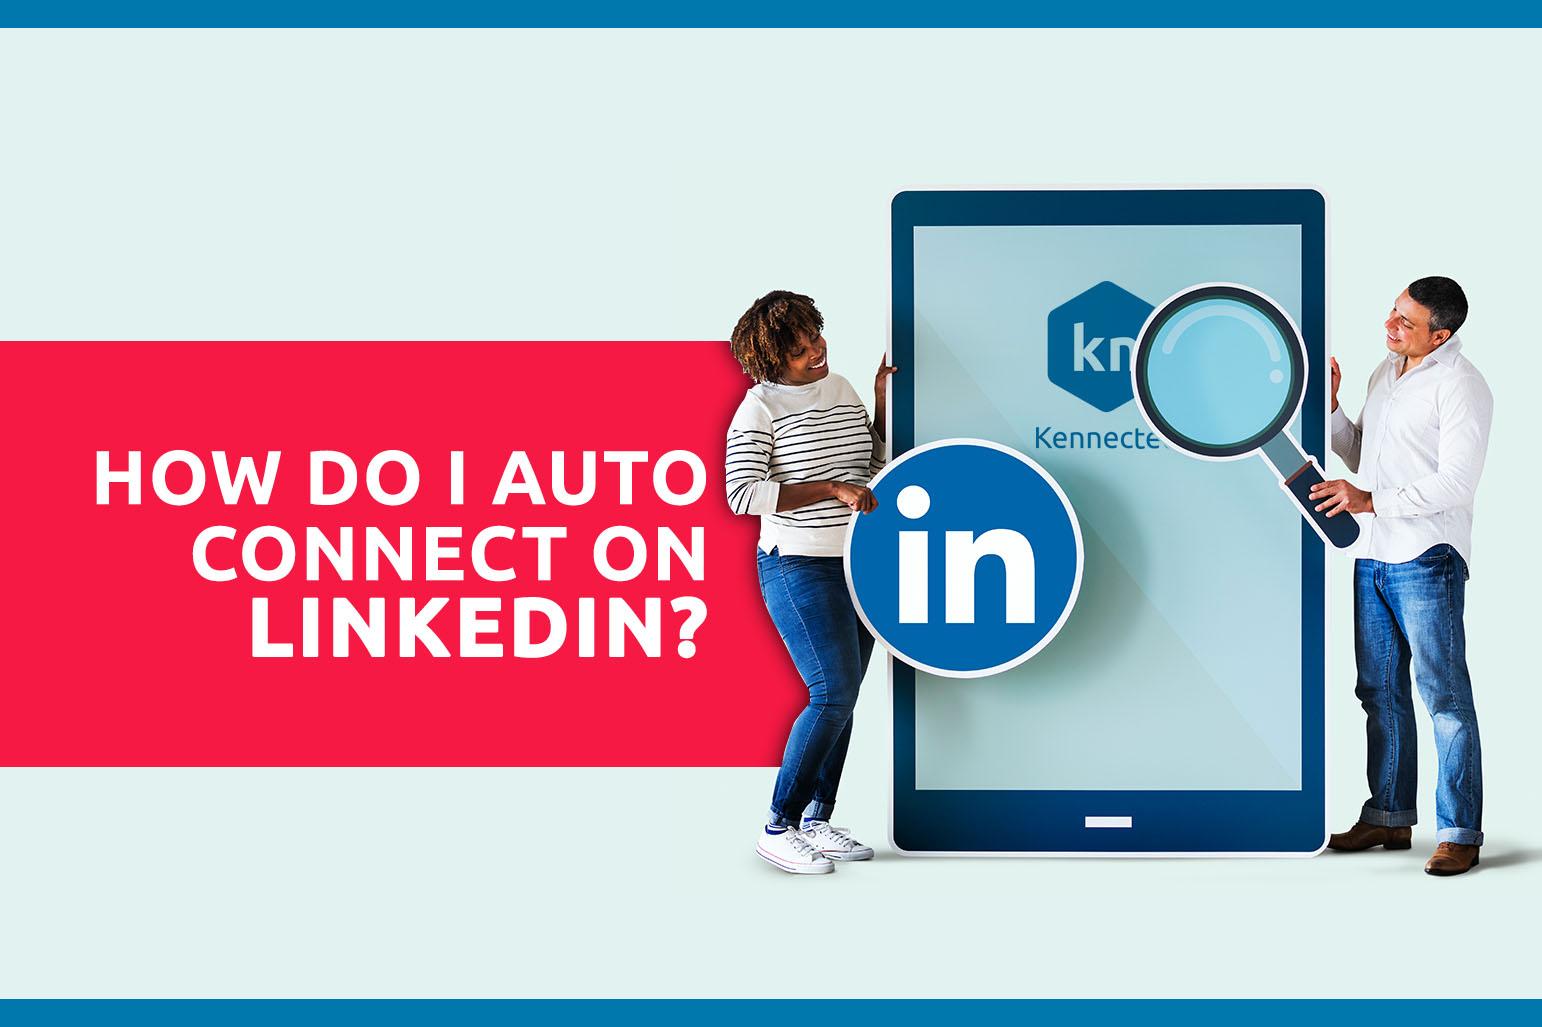 Wie stelle ich bei LinkedIn eine automatische Verbindung her?